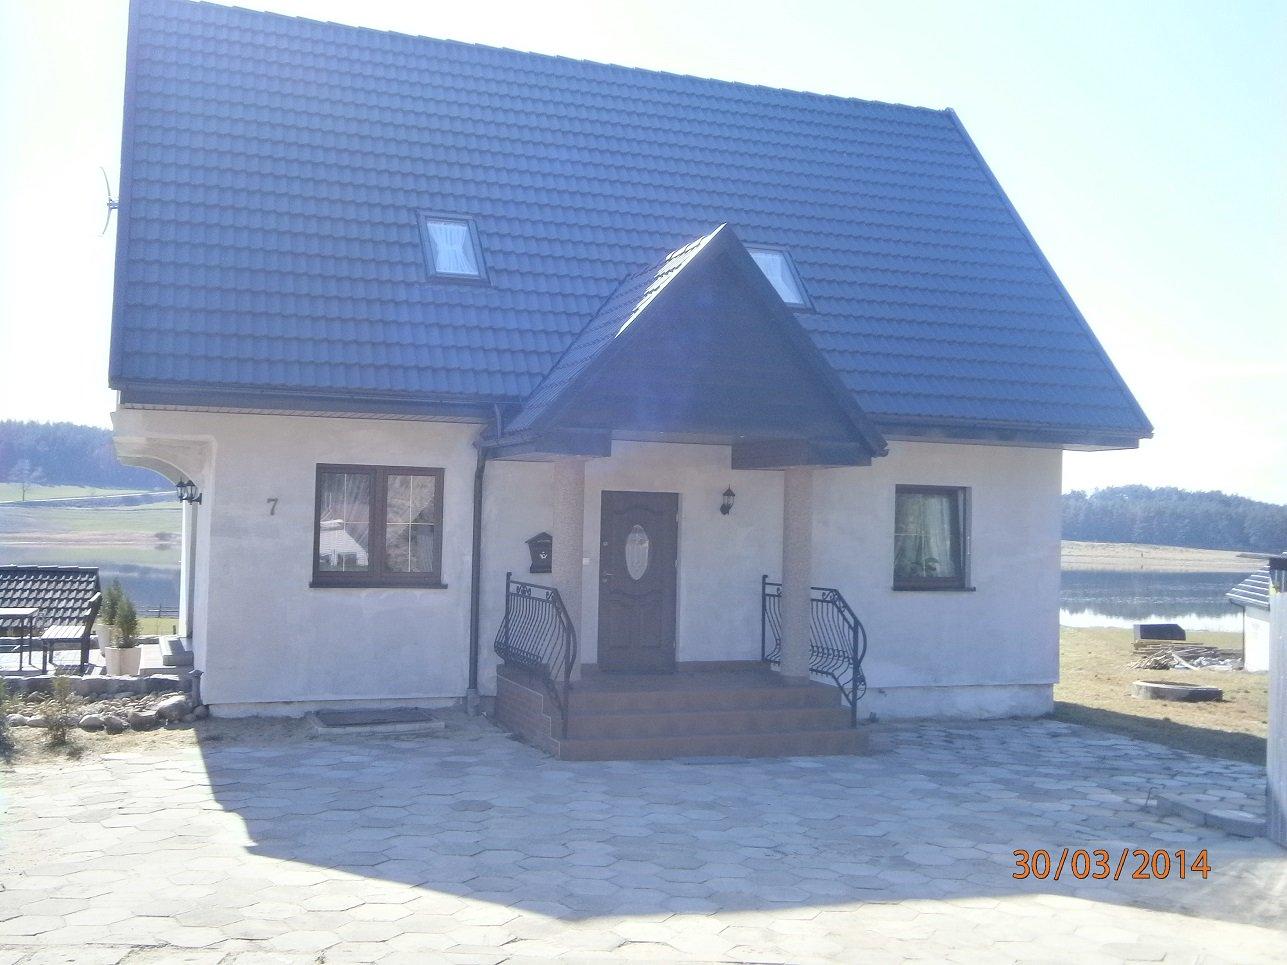 proyekt-doma-radostnyy-fot.-8-1398166742-minlywyj.jpg